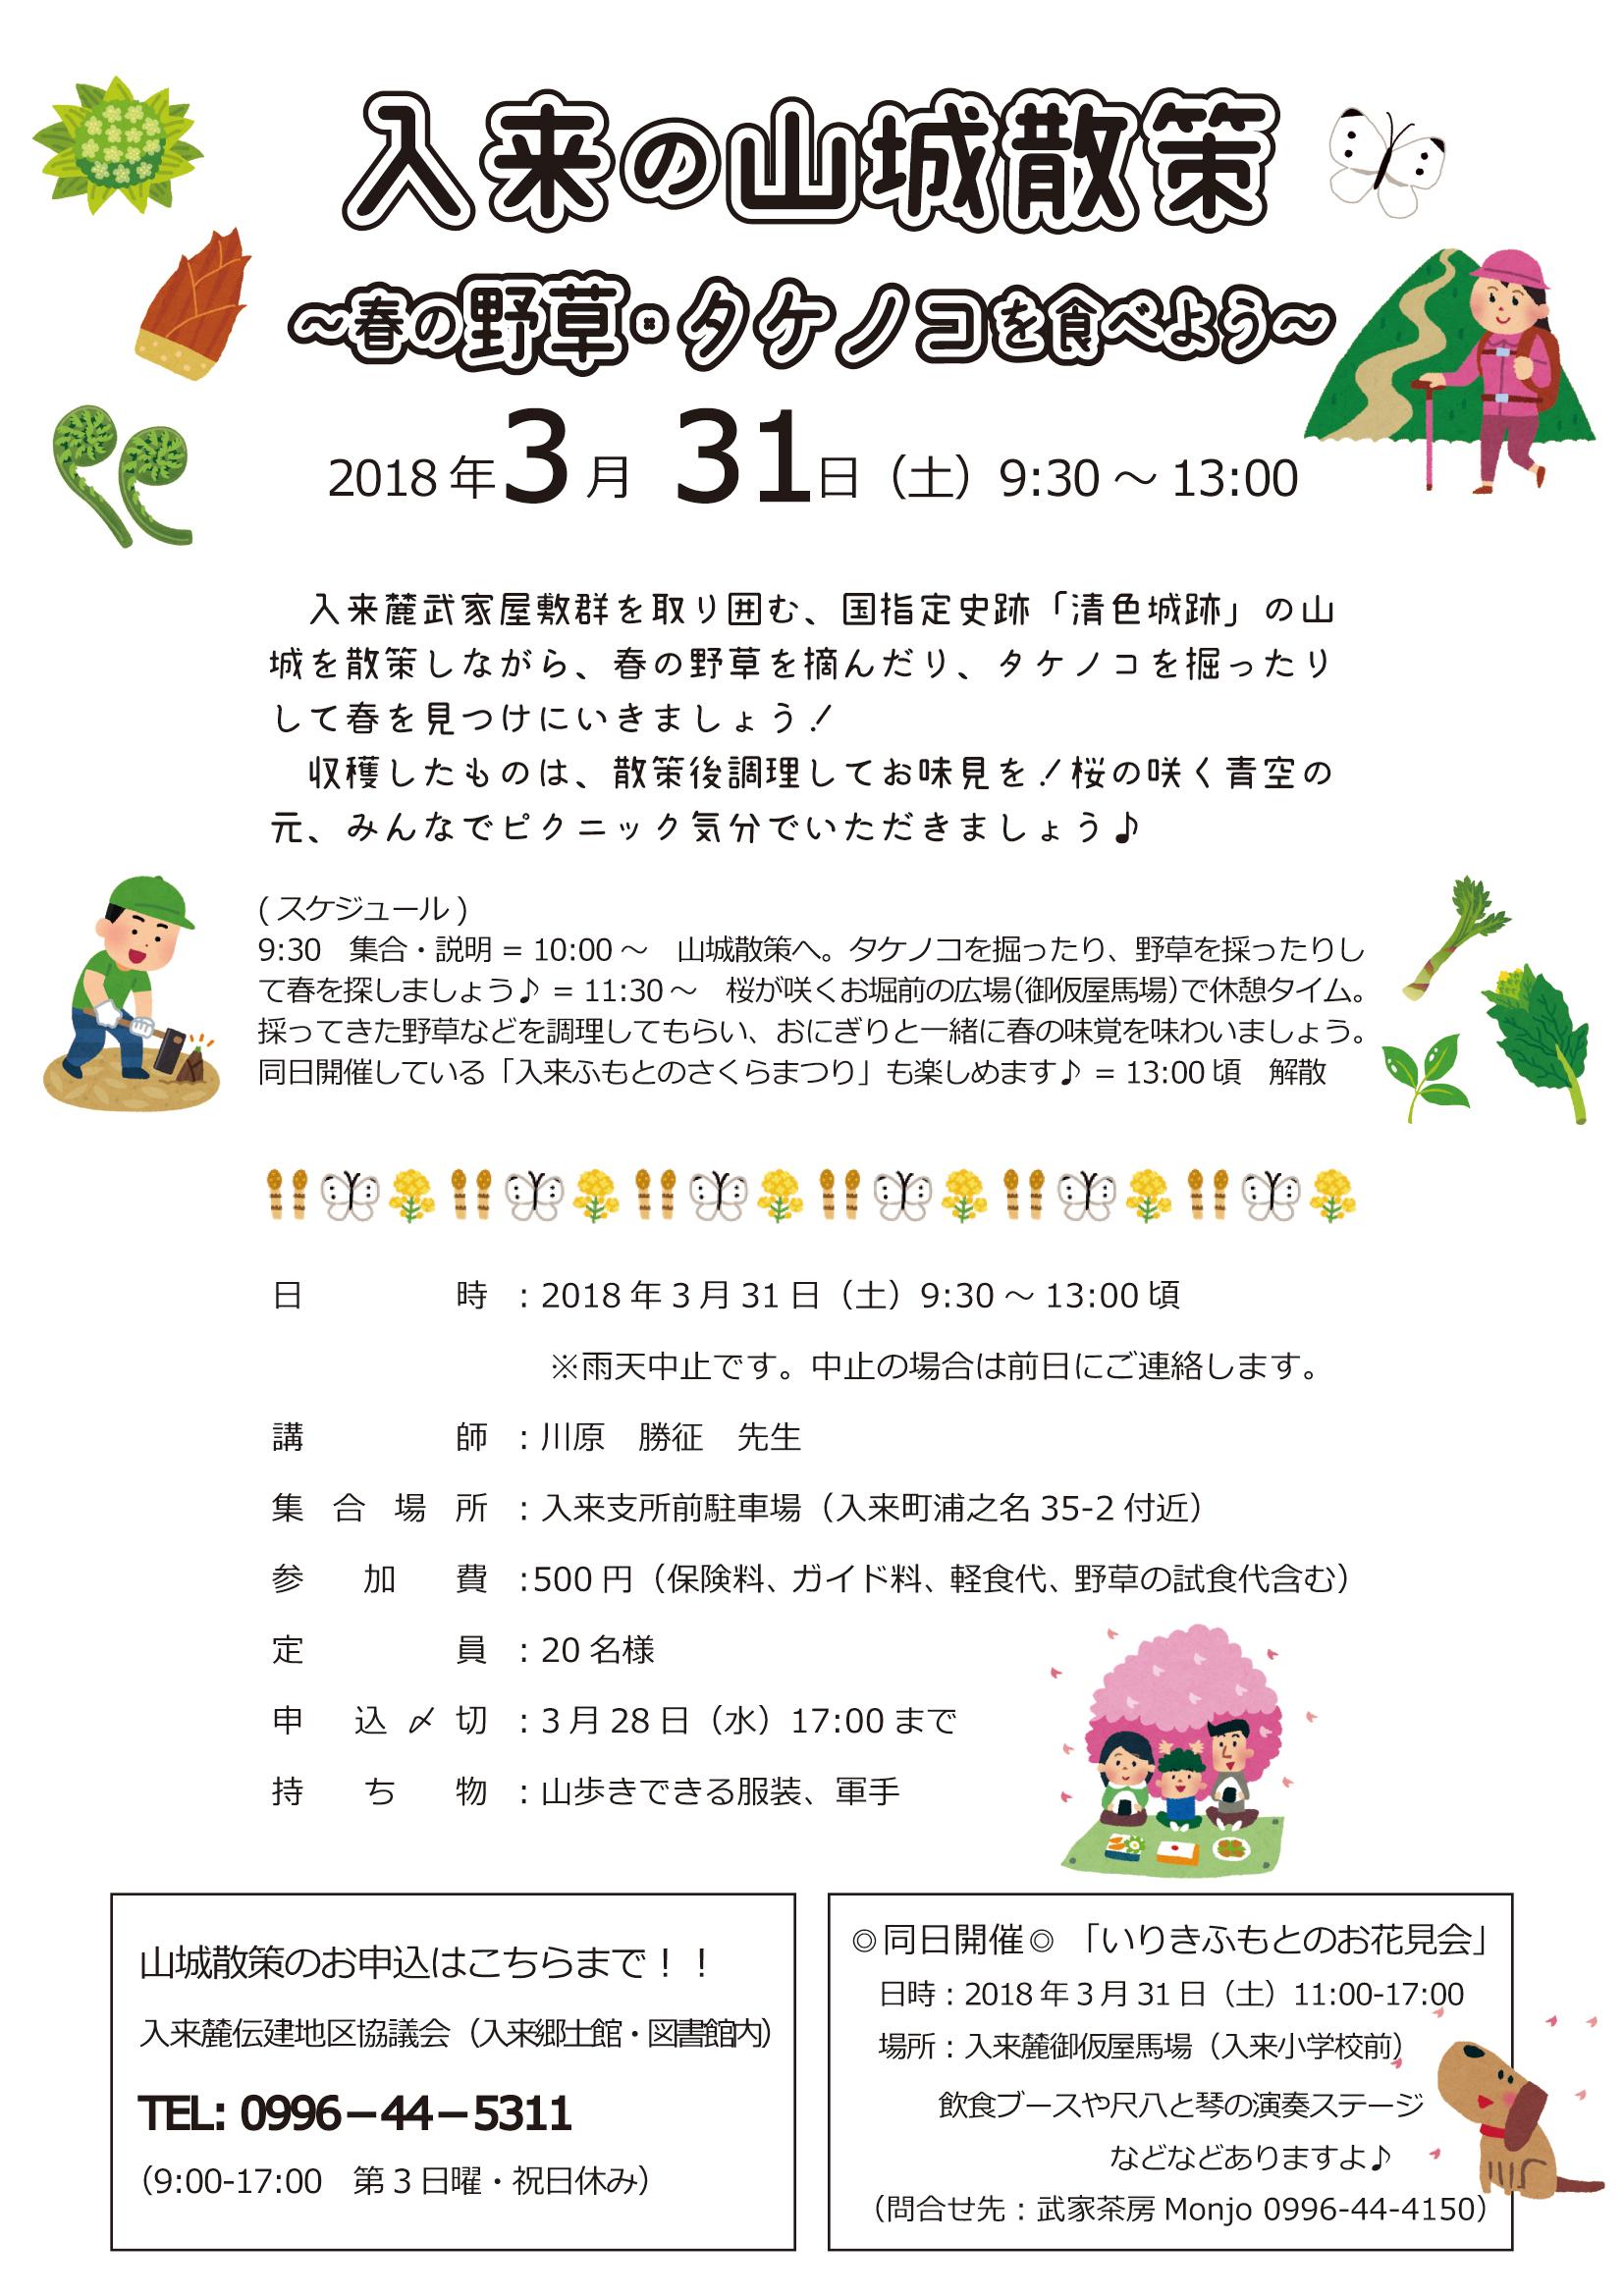 入来の山城散策 ~春の野草・タケノコを食べよう~